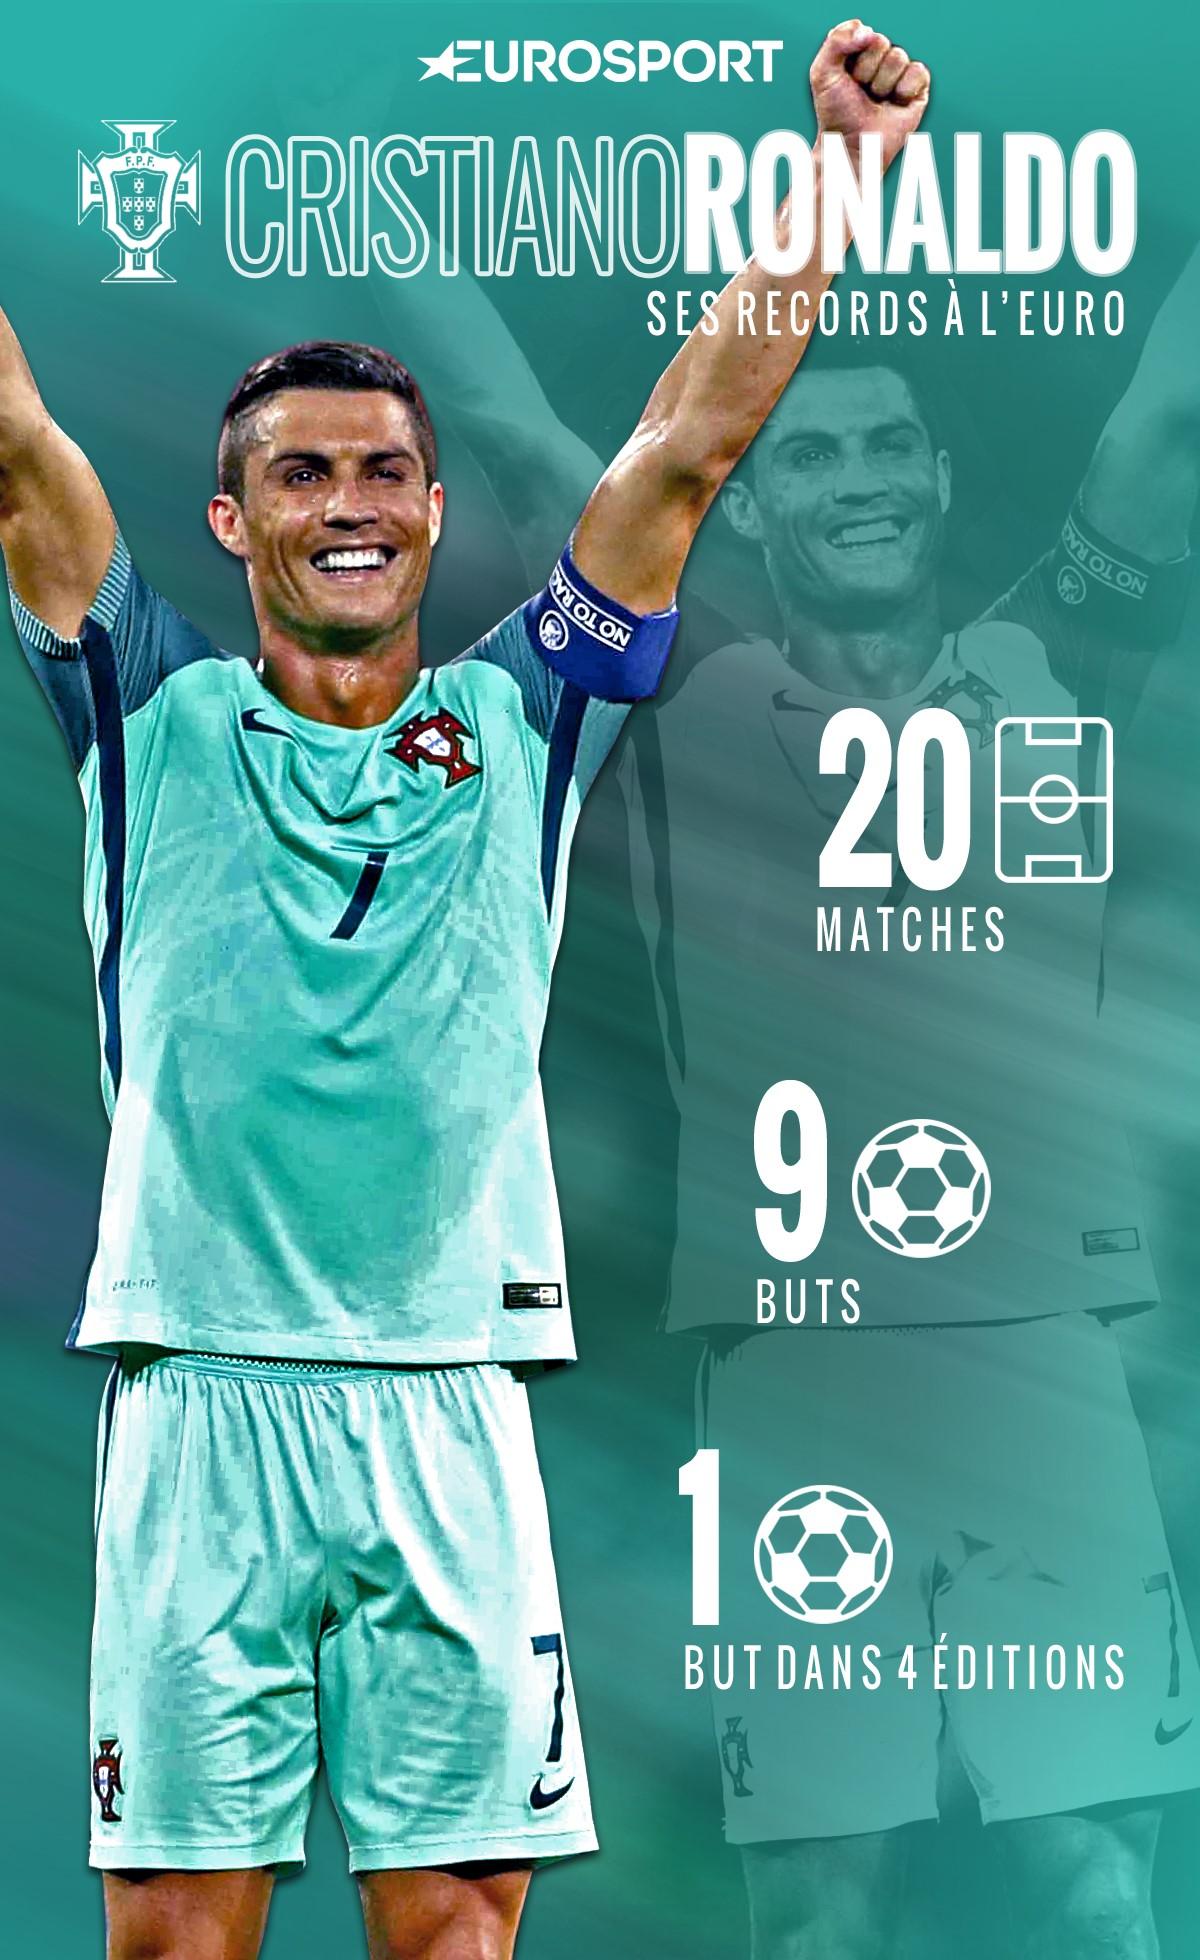 Cristiano Ronaldo et ses records à l'Euro